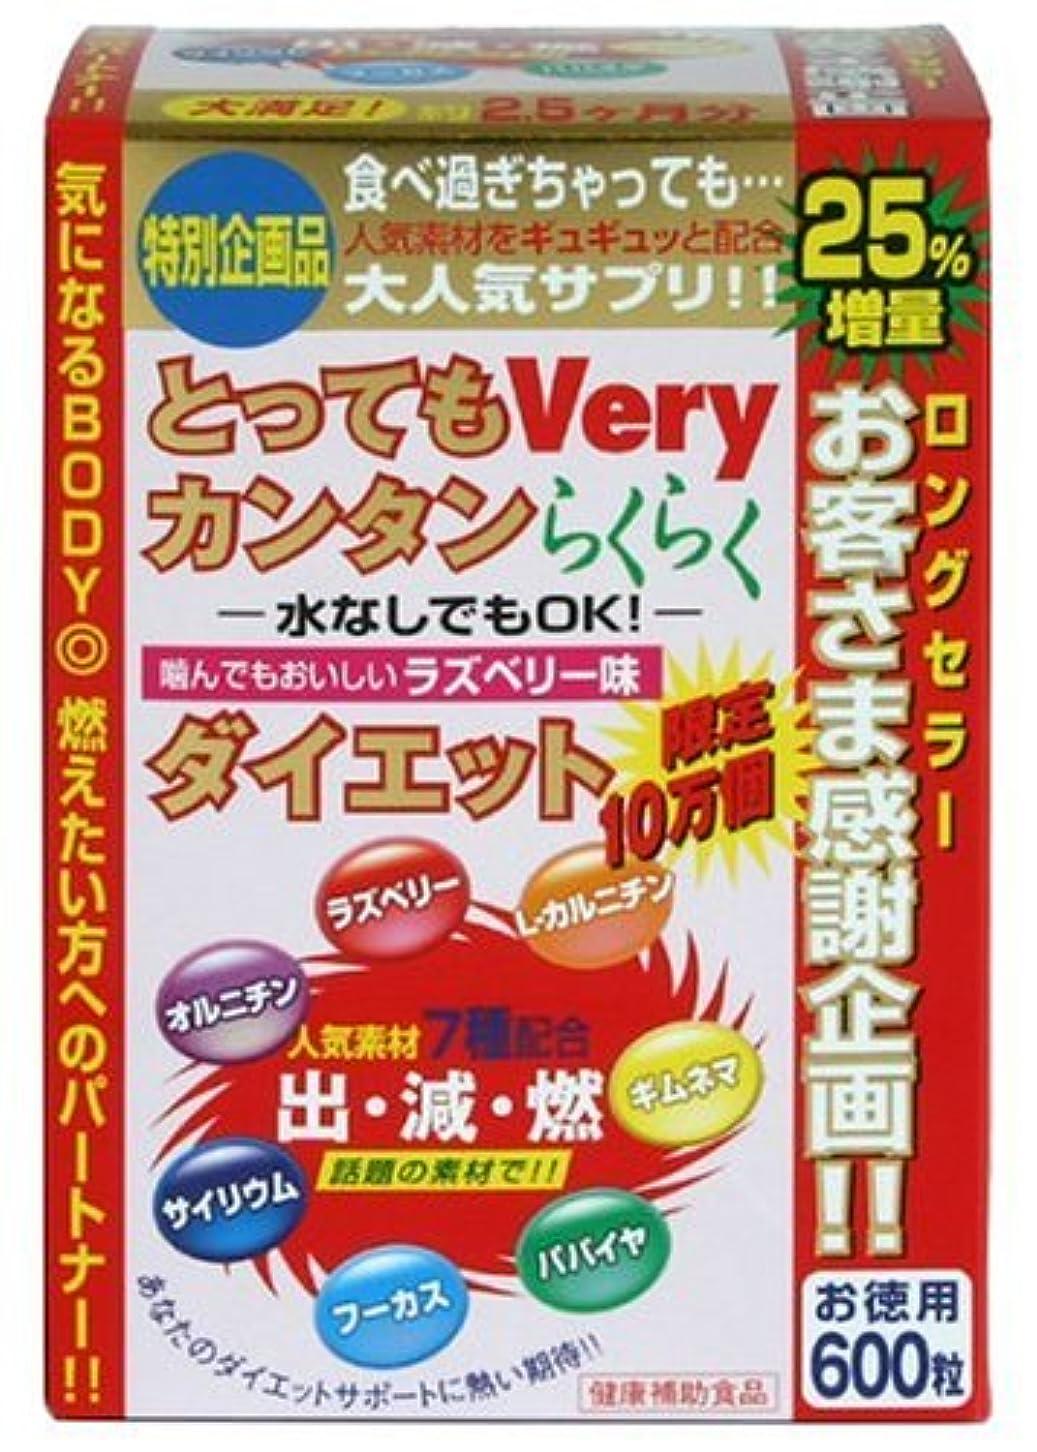 必需品箱市民権とってもVery カンタンらくらく ダイエット 増量版(240mg×600粒)